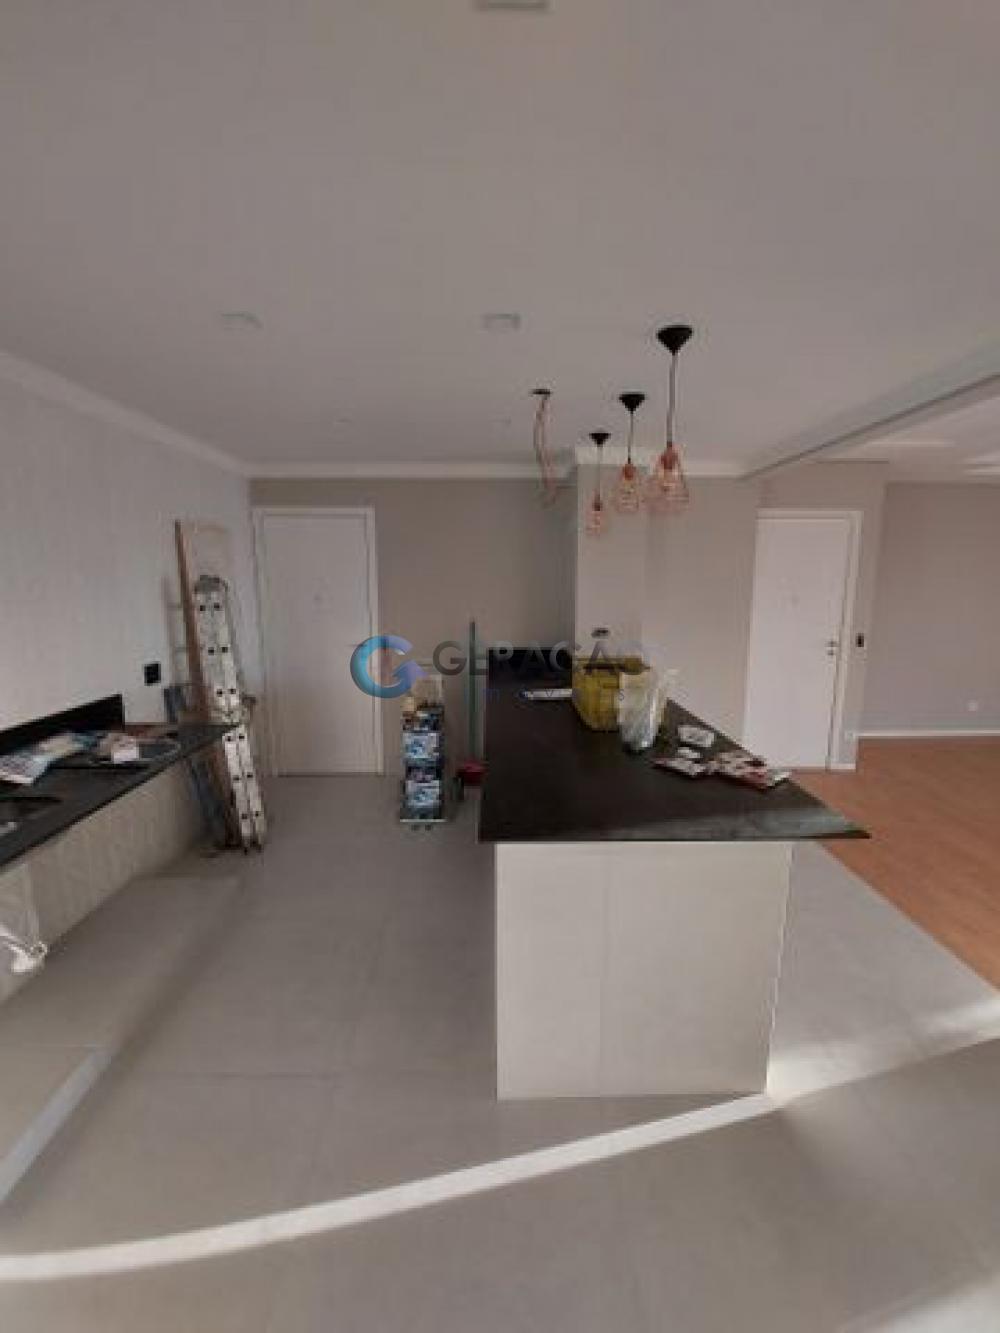 Comprar Apartamento / Padrão em São José dos Campos apenas R$ 850.000,00 - Foto 1